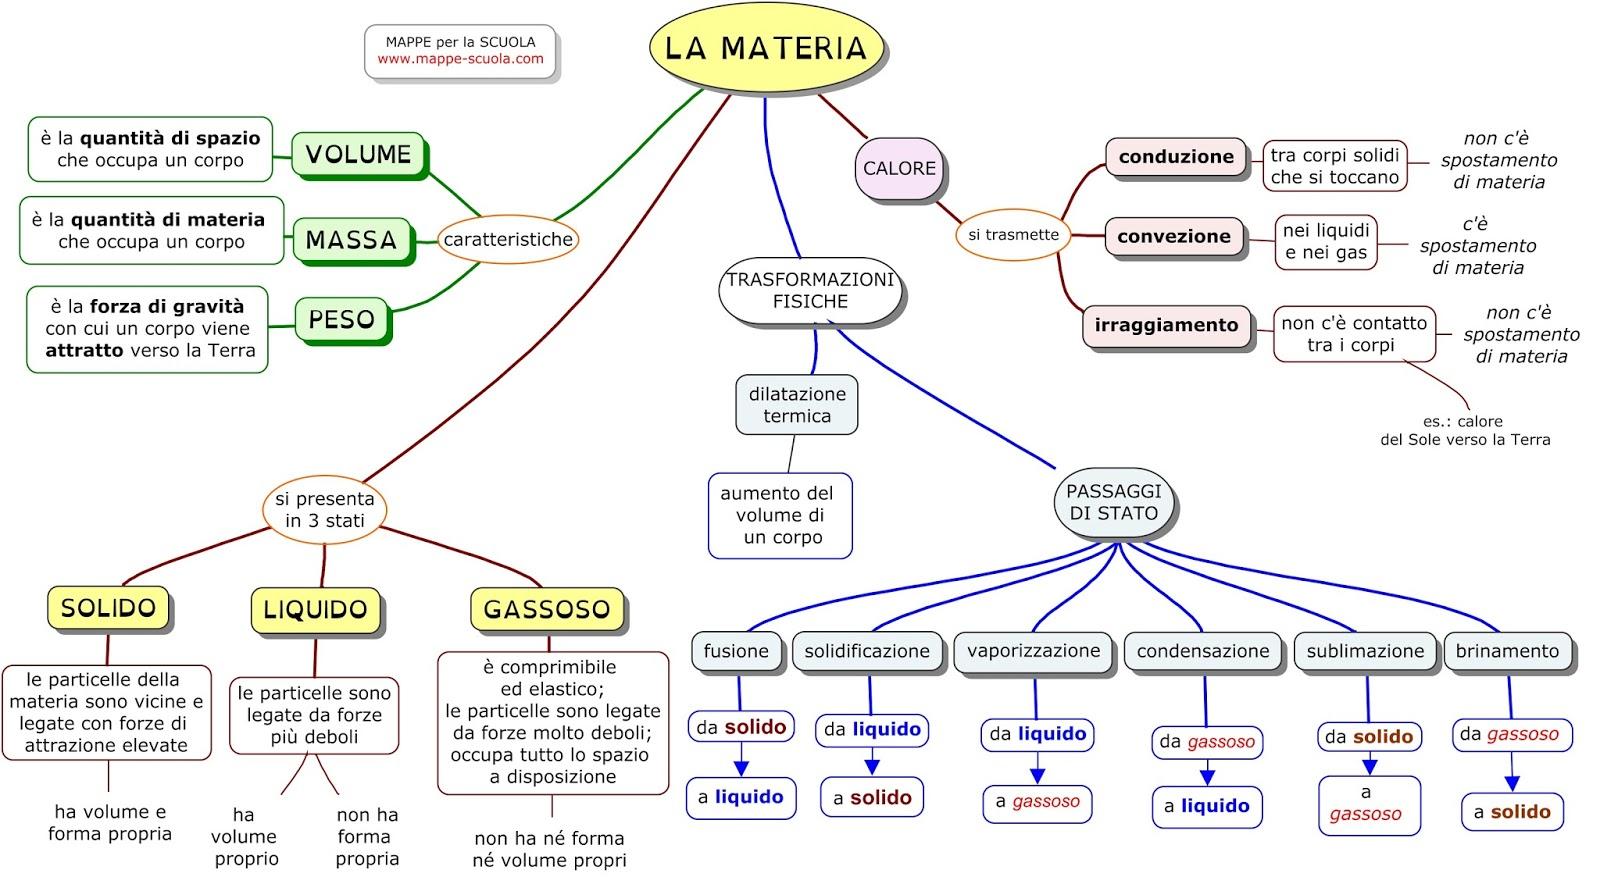 Amato MAPPE per la SCUOLA: LA MATERIA (scienze) TP17